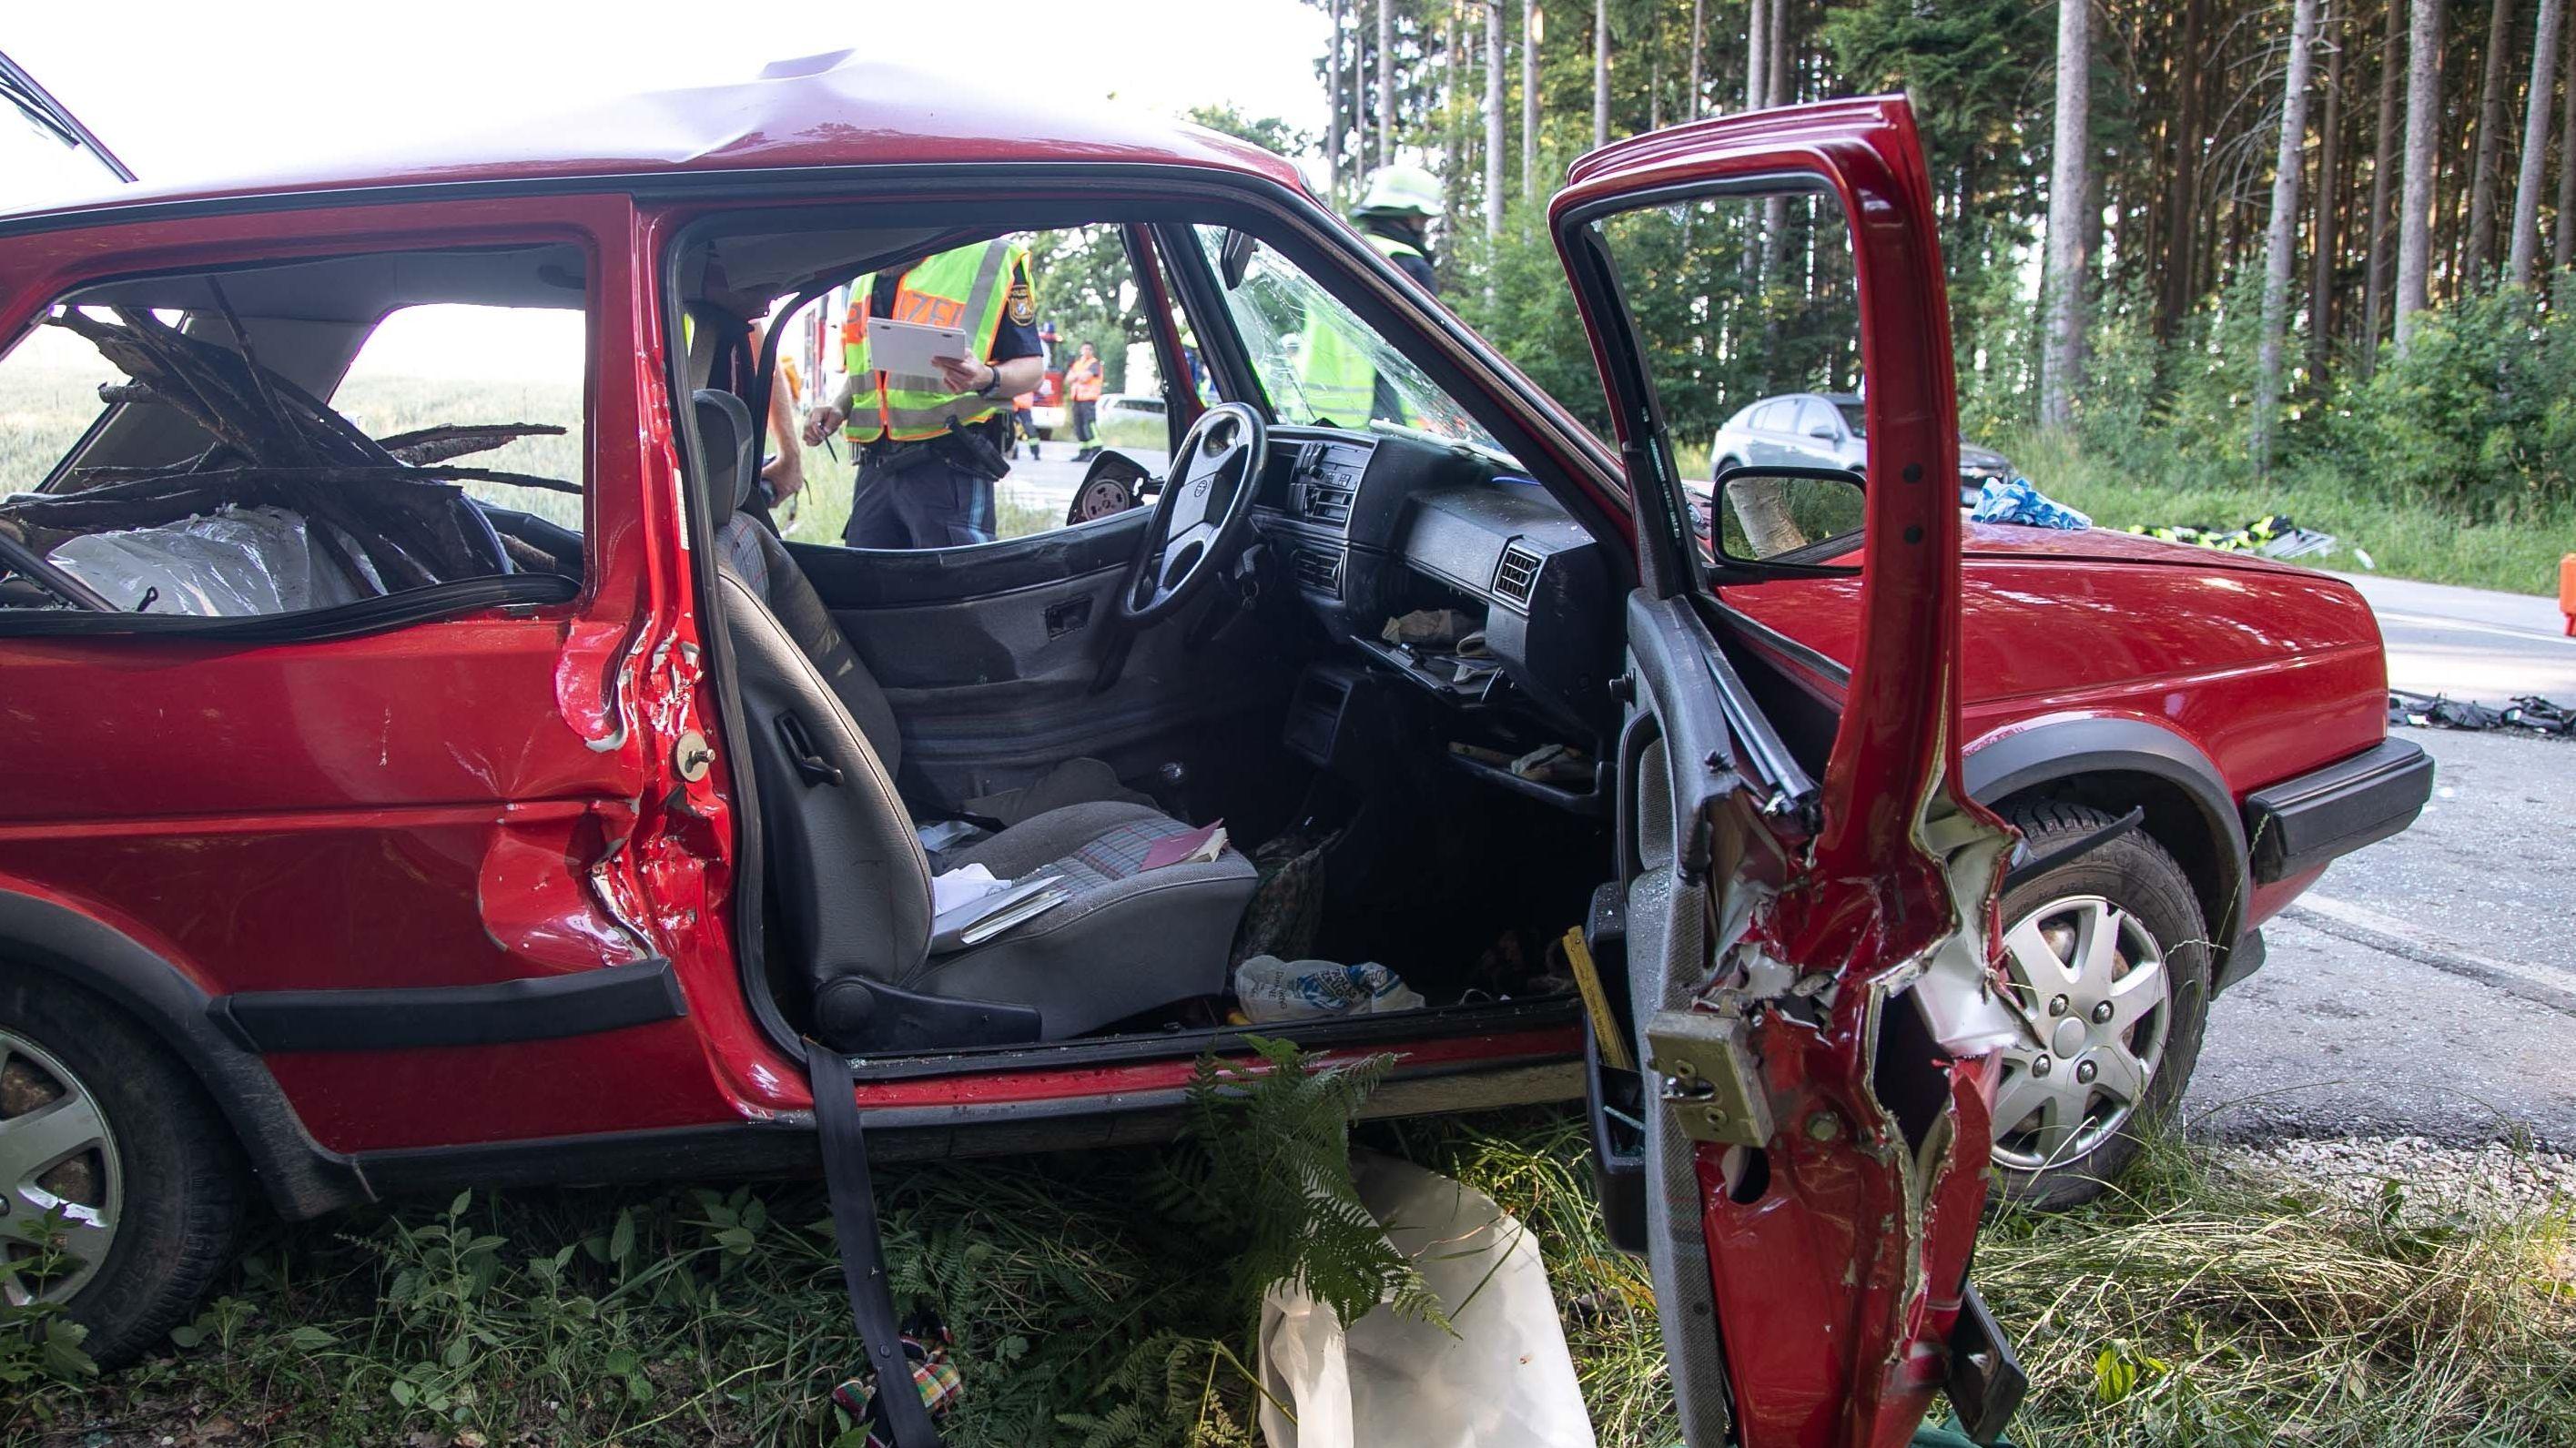 Für die Fahrerin kam jede Hilfe zu spät.